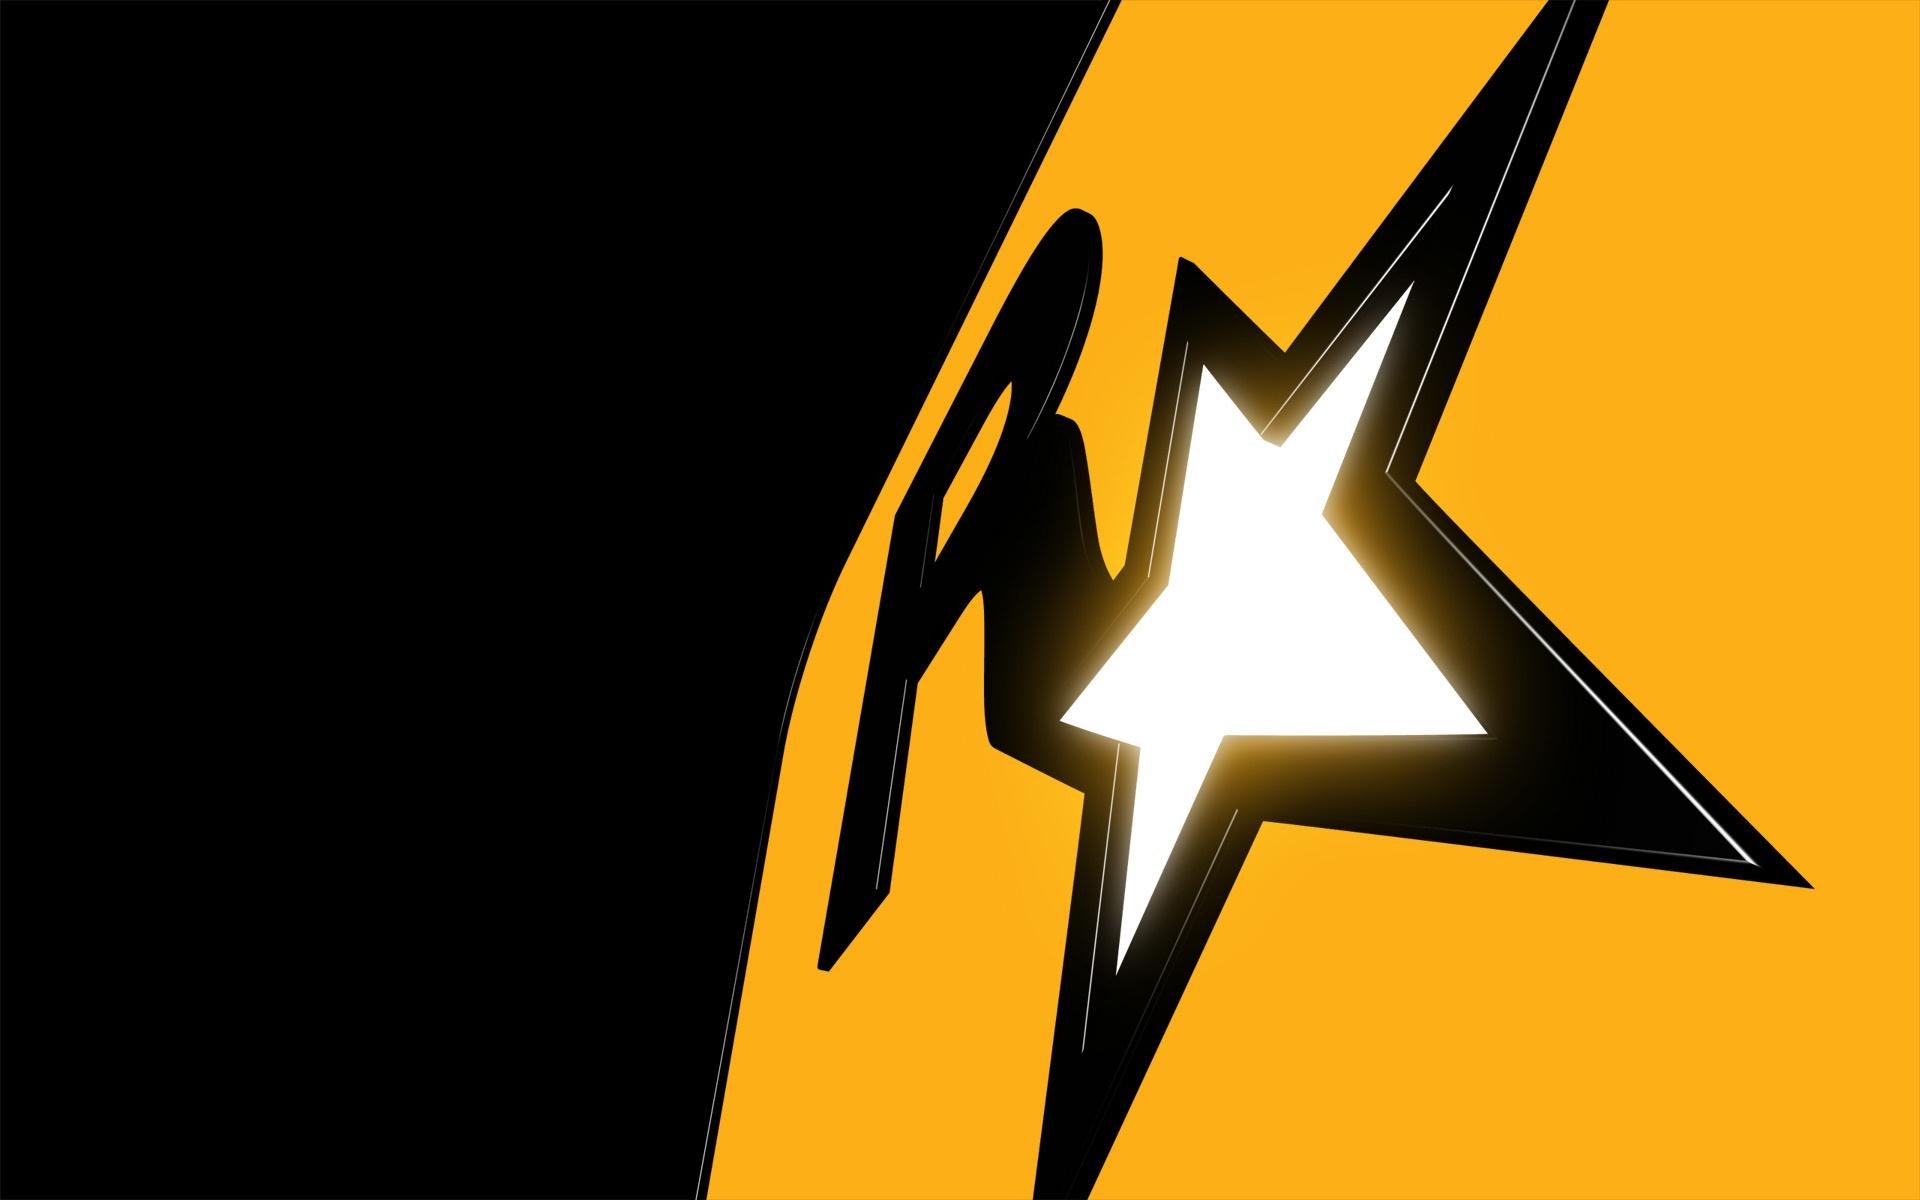 rockstar games logo wallpaper 41544